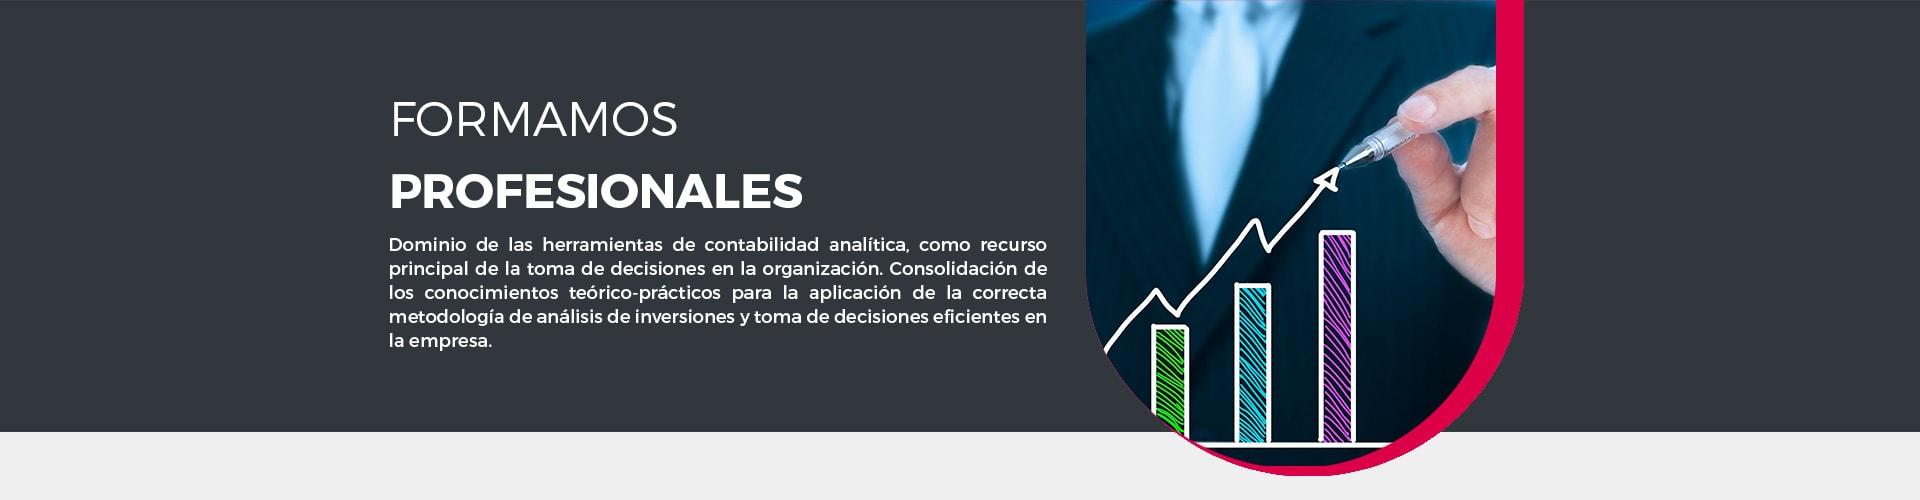 Este master de dirección financiera y económica de ayudará a dominar las herramientas de contabilidad analítica como recurso principal de la toma de deciciones en la organización.